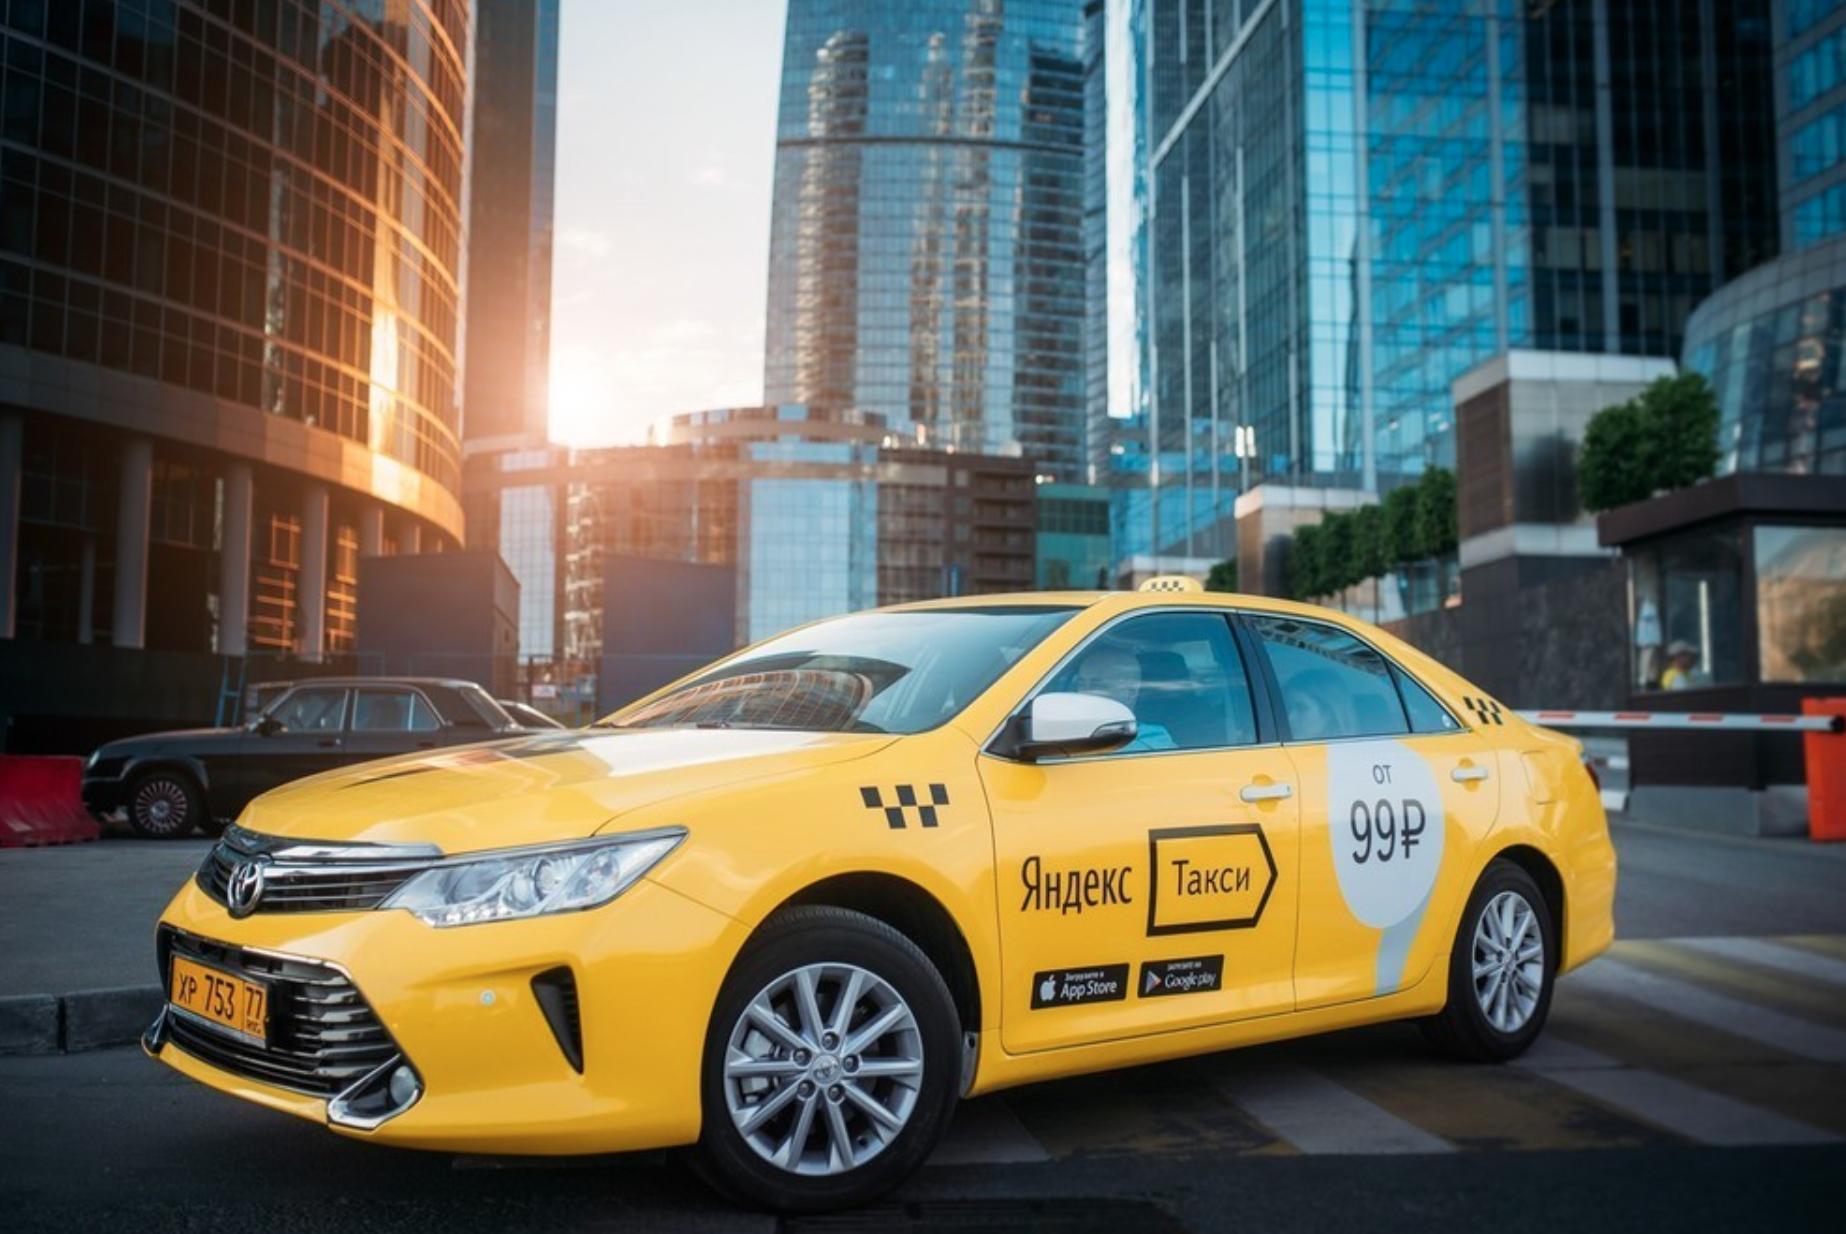 Яндекс Такси работа водителем в Тюмени